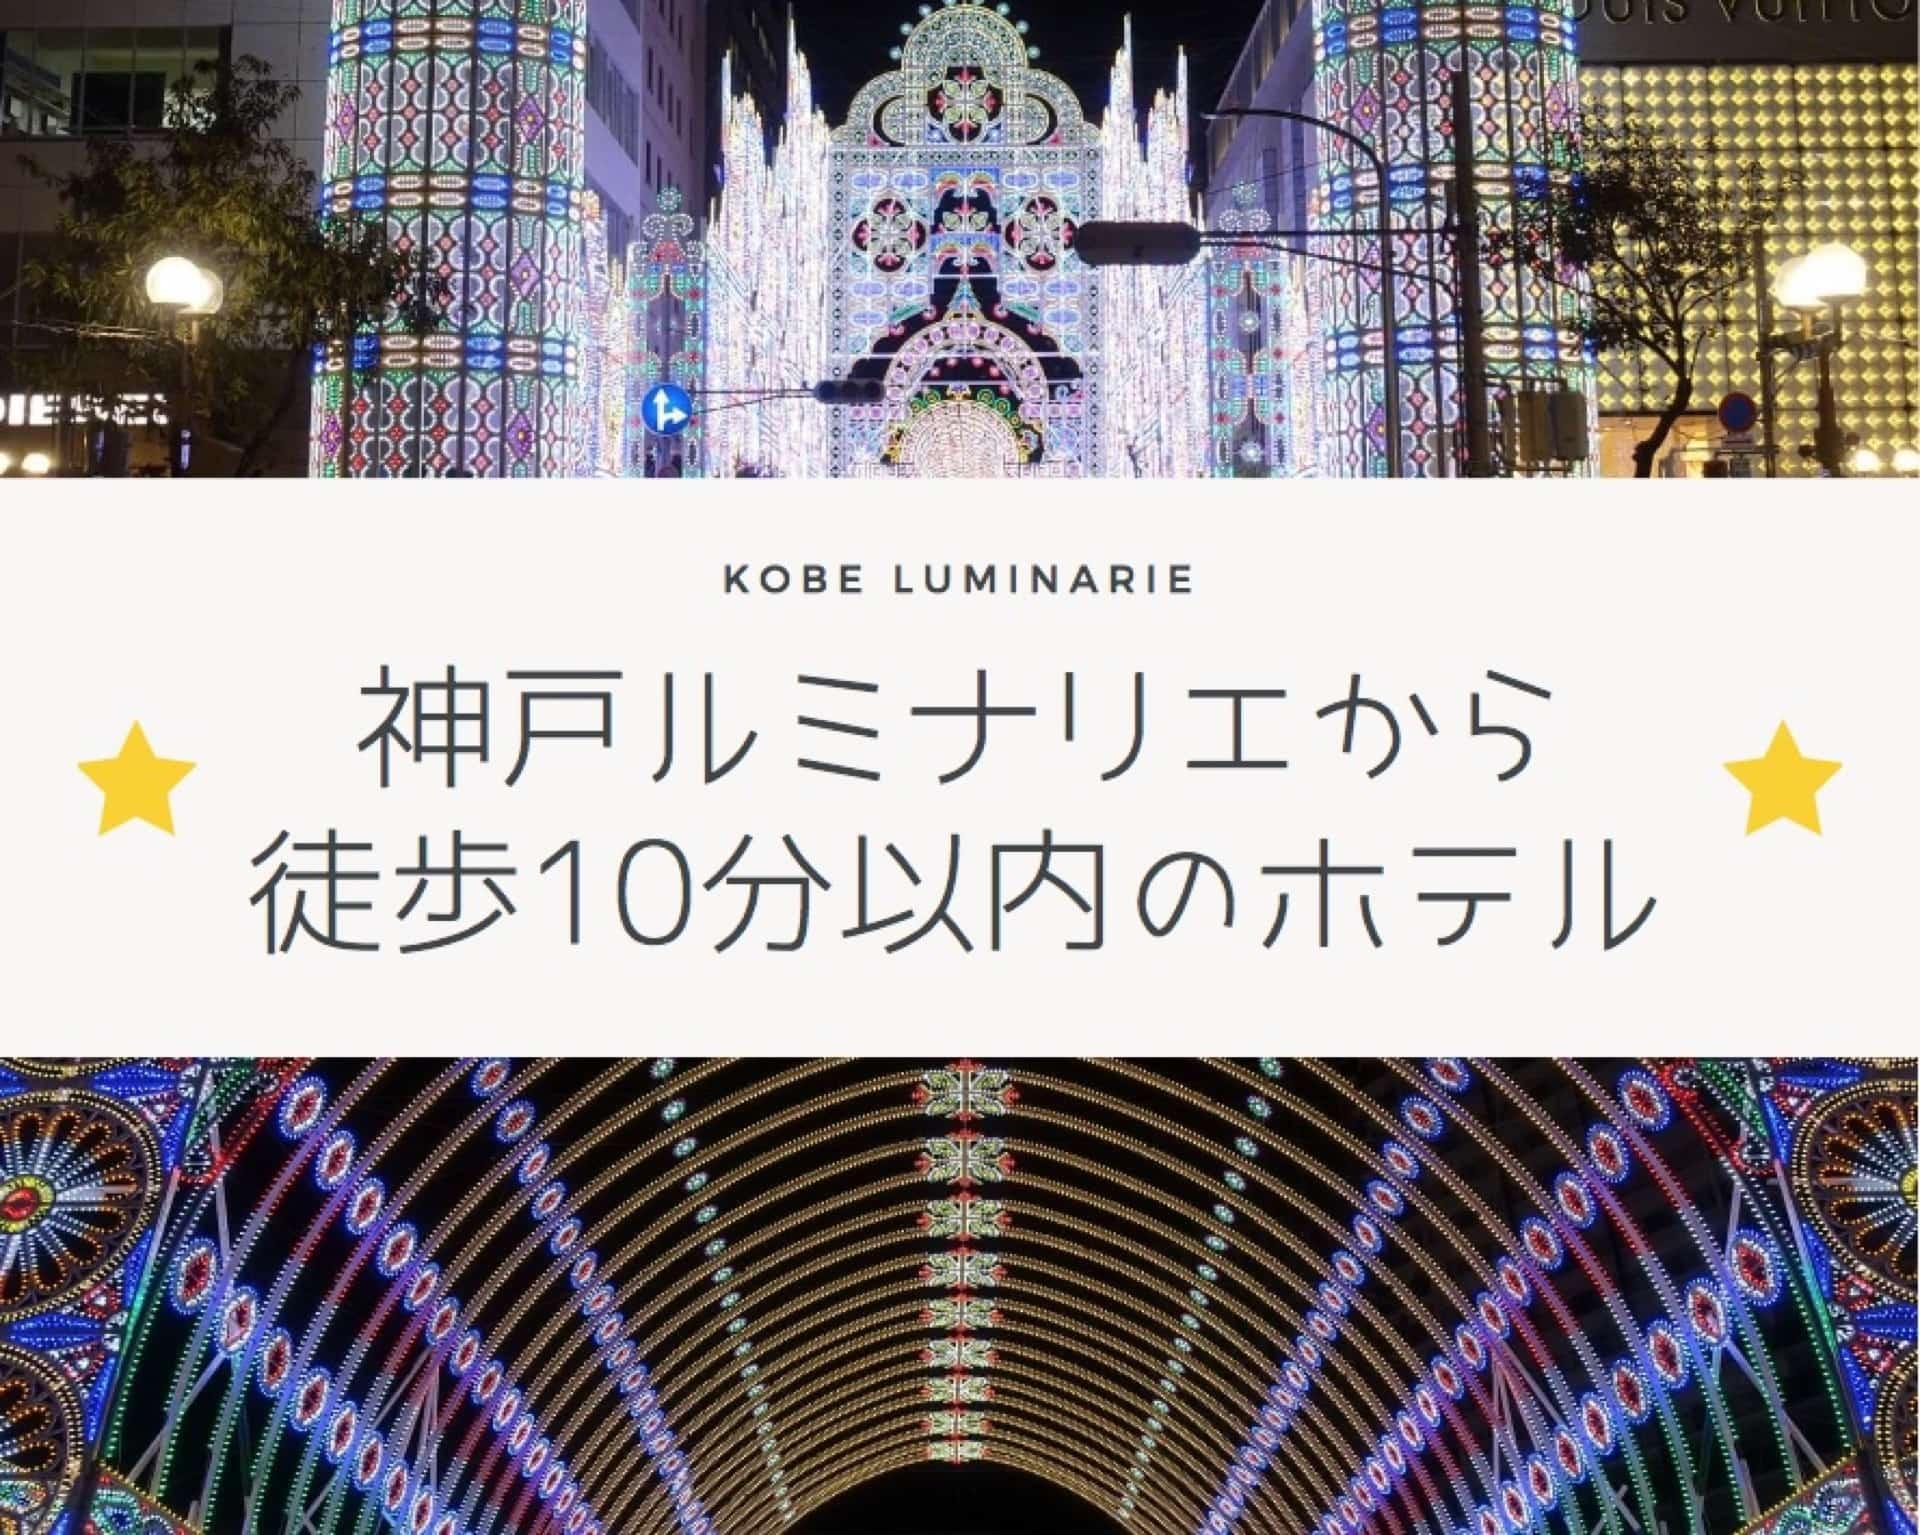 【2019年】神戸ルミナリエから徒歩10分以内のホテル&おすすめ15選